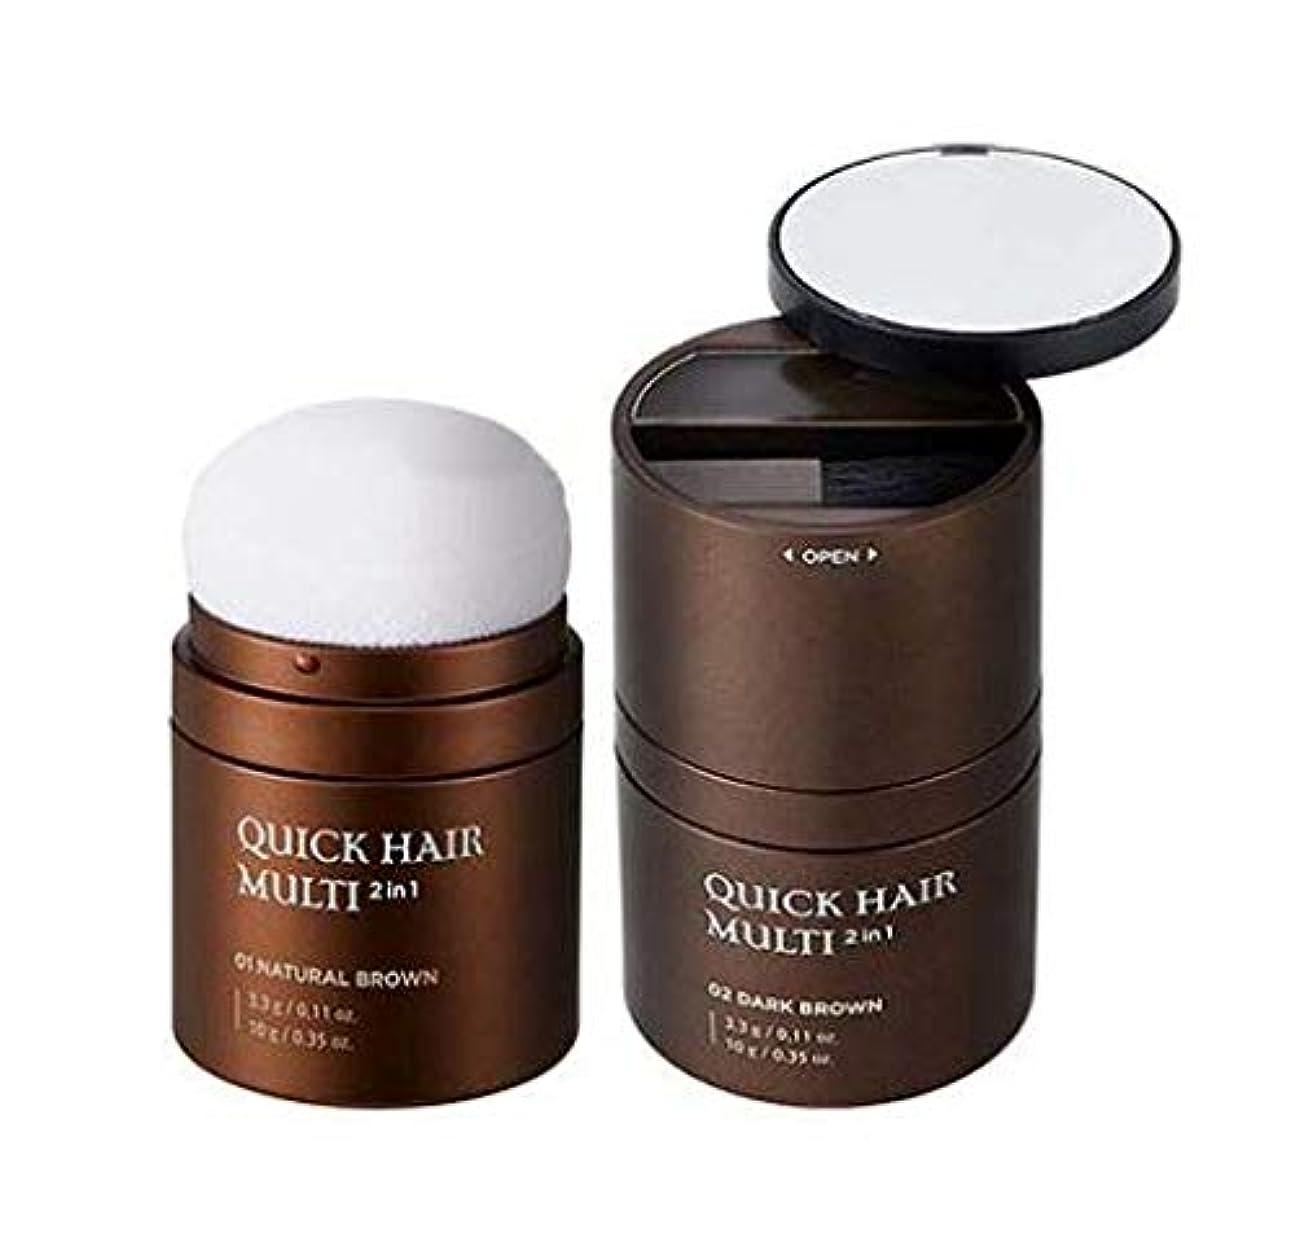 ファランクスモンクラインナップ[ザ?フェイスショップ] THE FACE SHOP [クイック ヘア マルチ_シャドウ+パフ 3.3g+10g] (Quick Hair Multi Shadow+Puff 3.3g+10g) [海外直送品] (02....